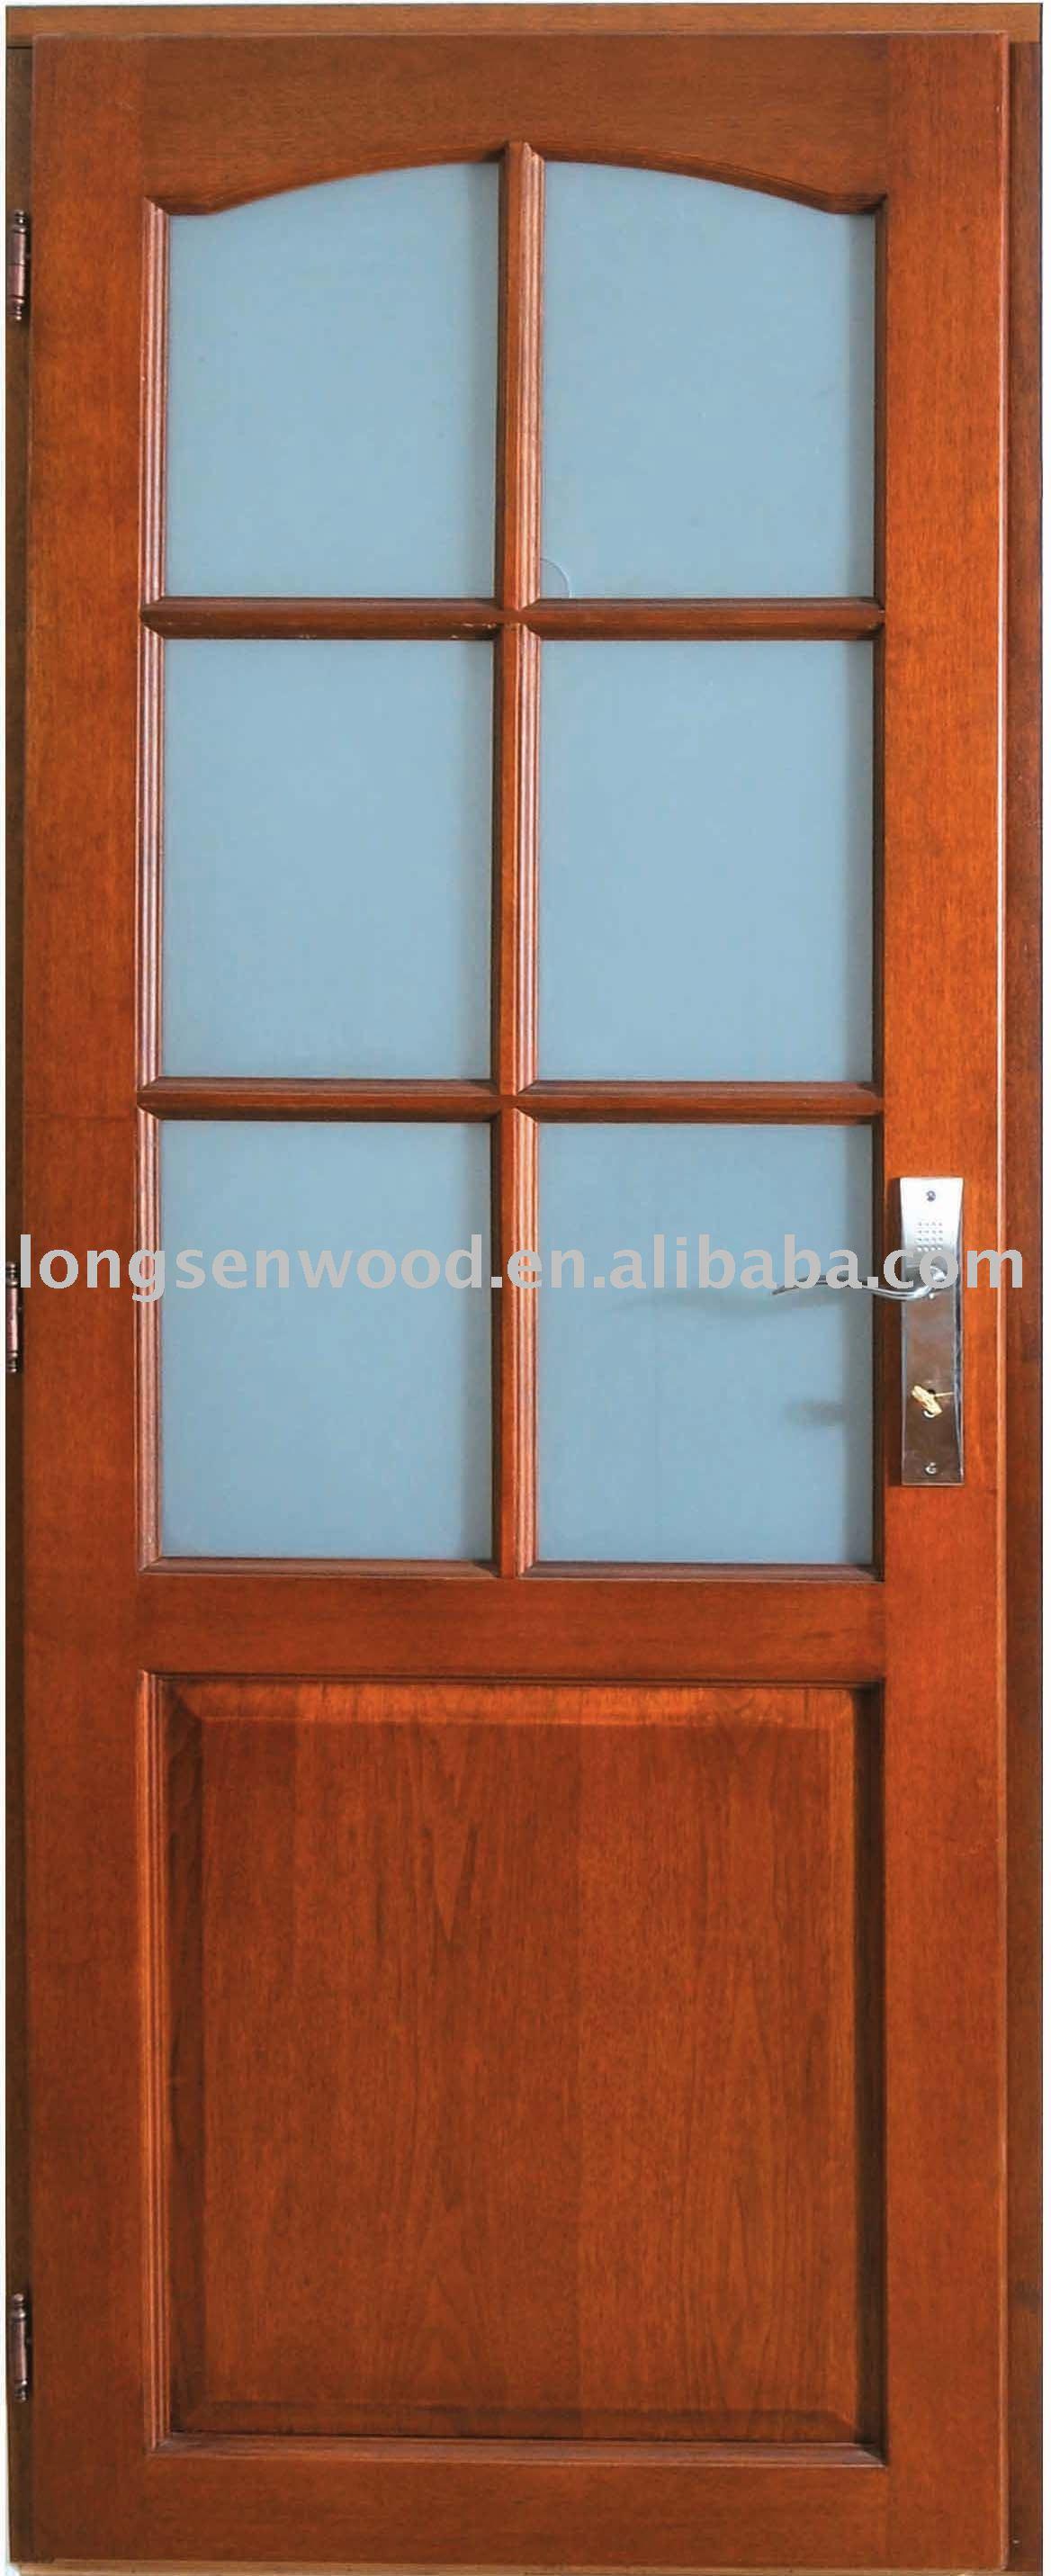 Marco de madera puerta de cristal puertas identificaci n - Puertas madera y vidrio ...